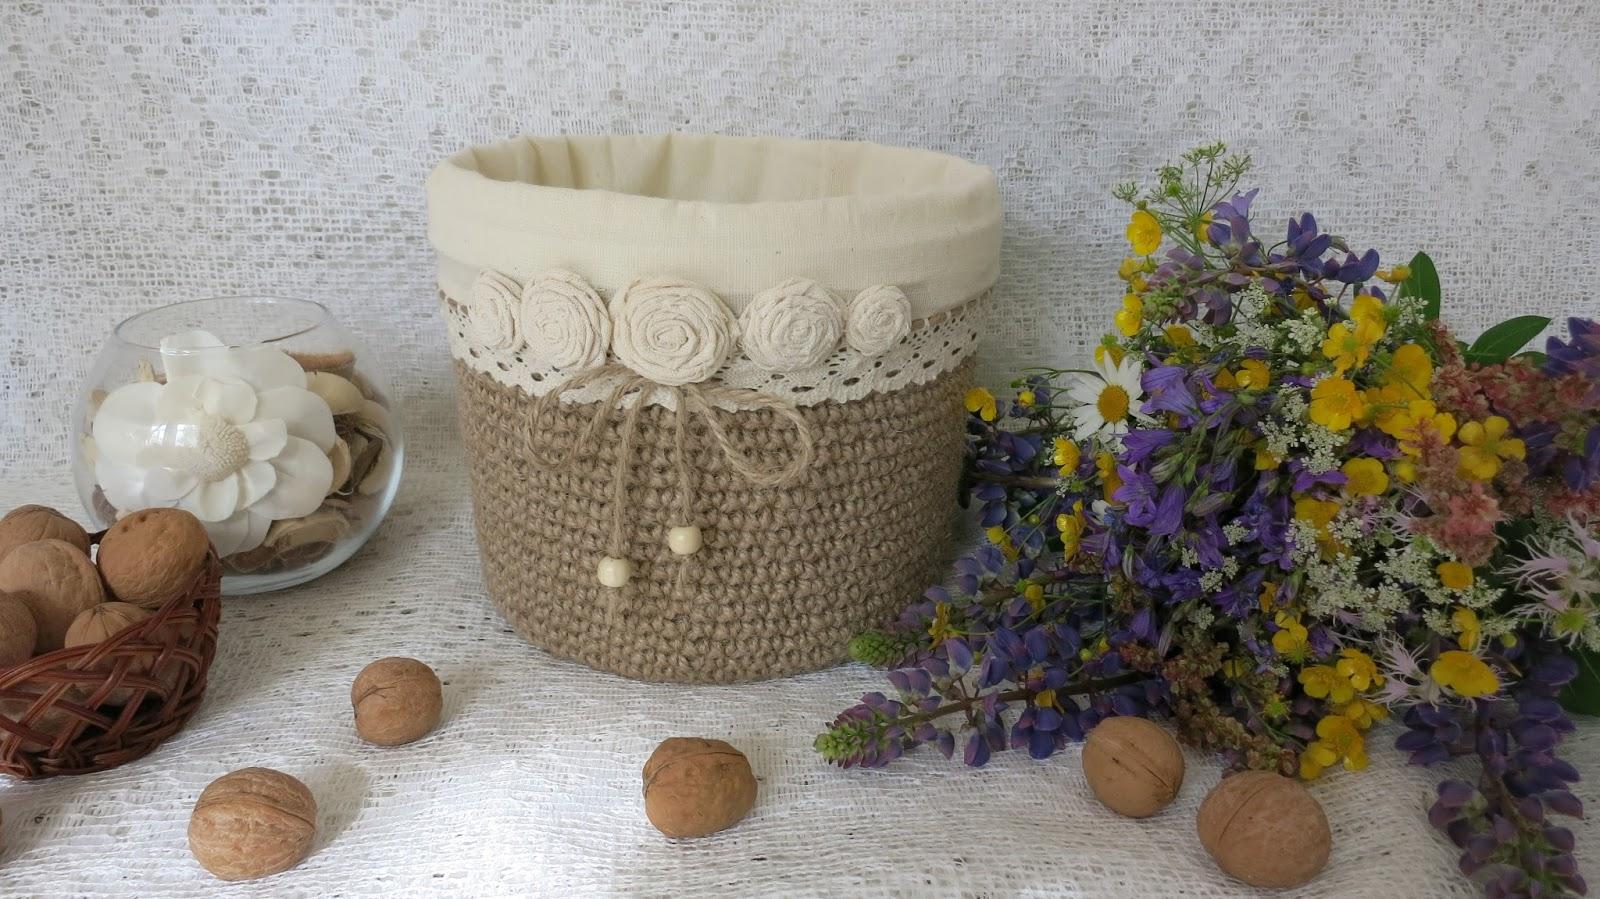 Декор цветочных горшков — 85 фото лучших идей и видео инструкция по украшению интерьера цветами